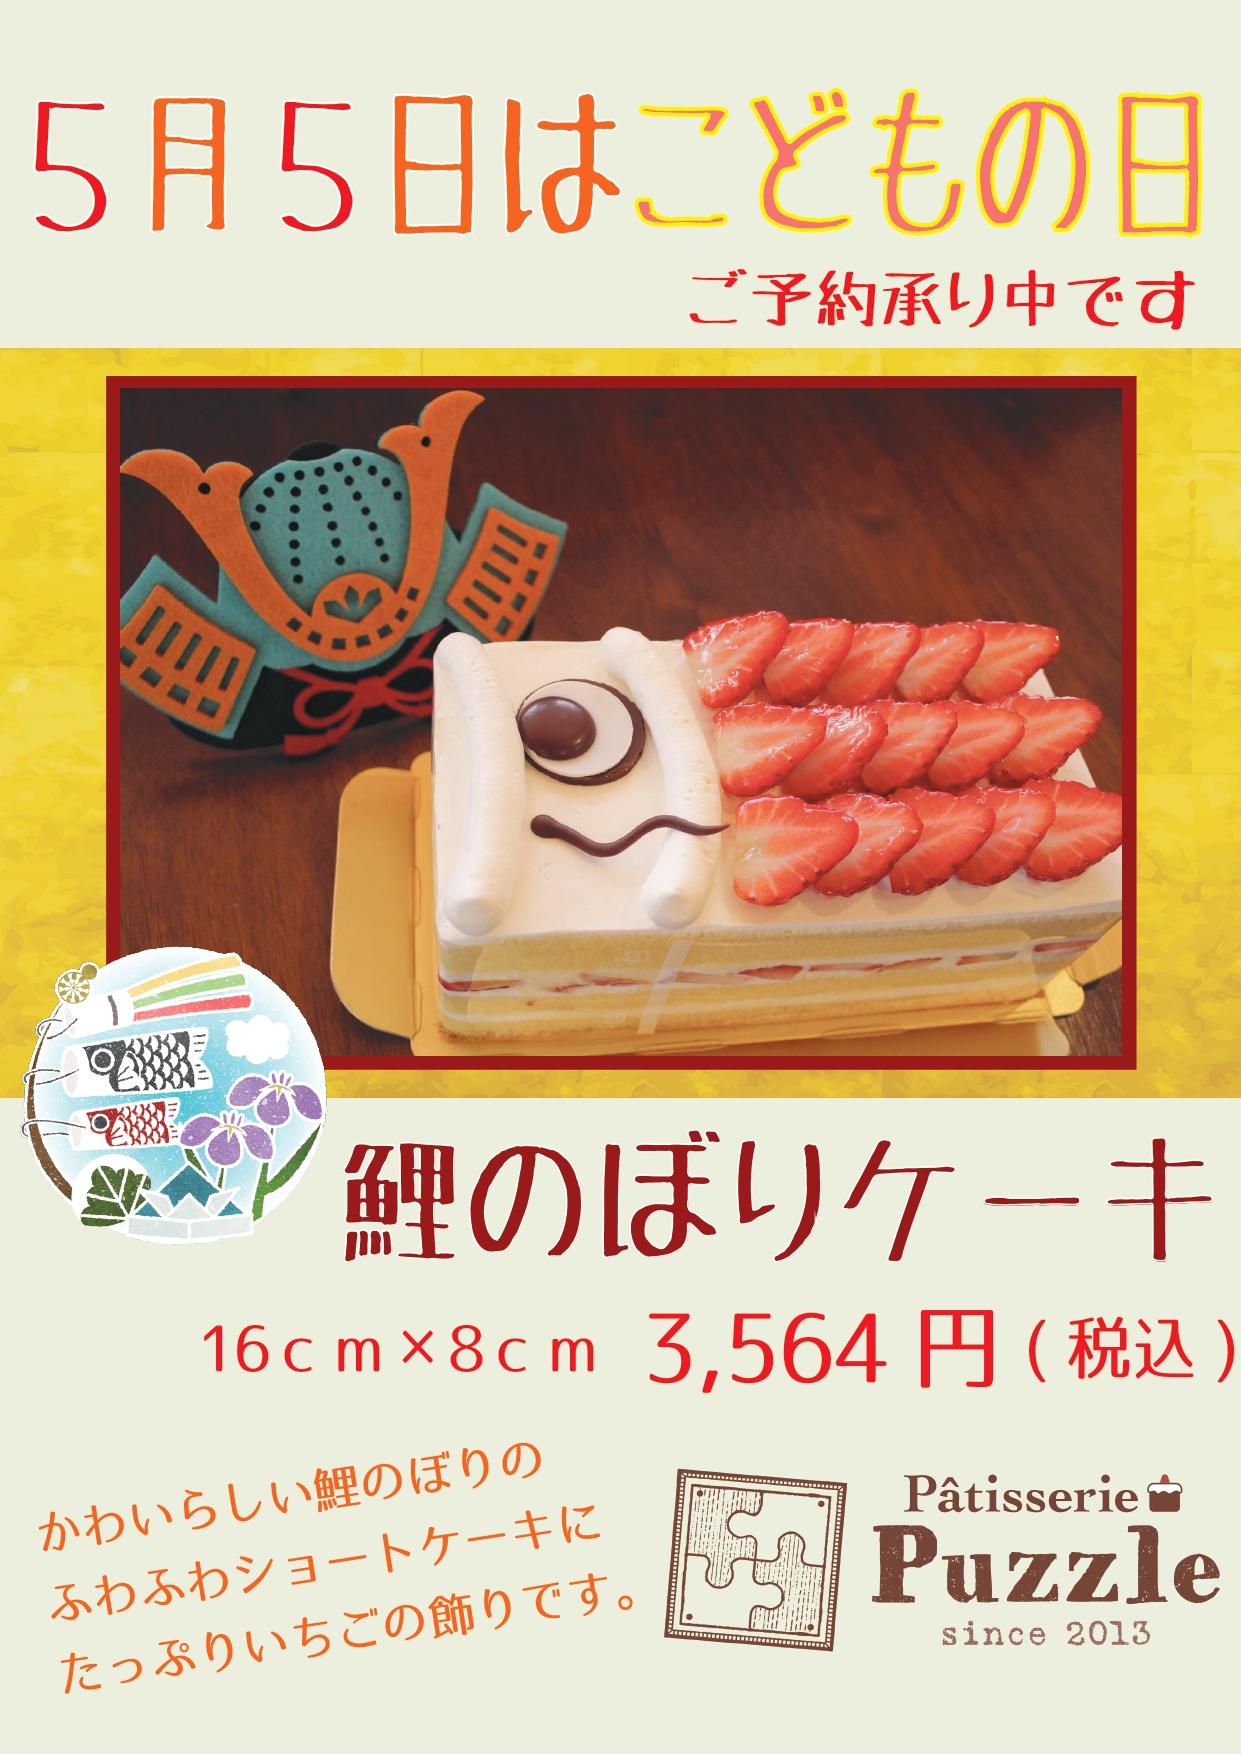 鯉のぼりPOP_page-0001.jpg